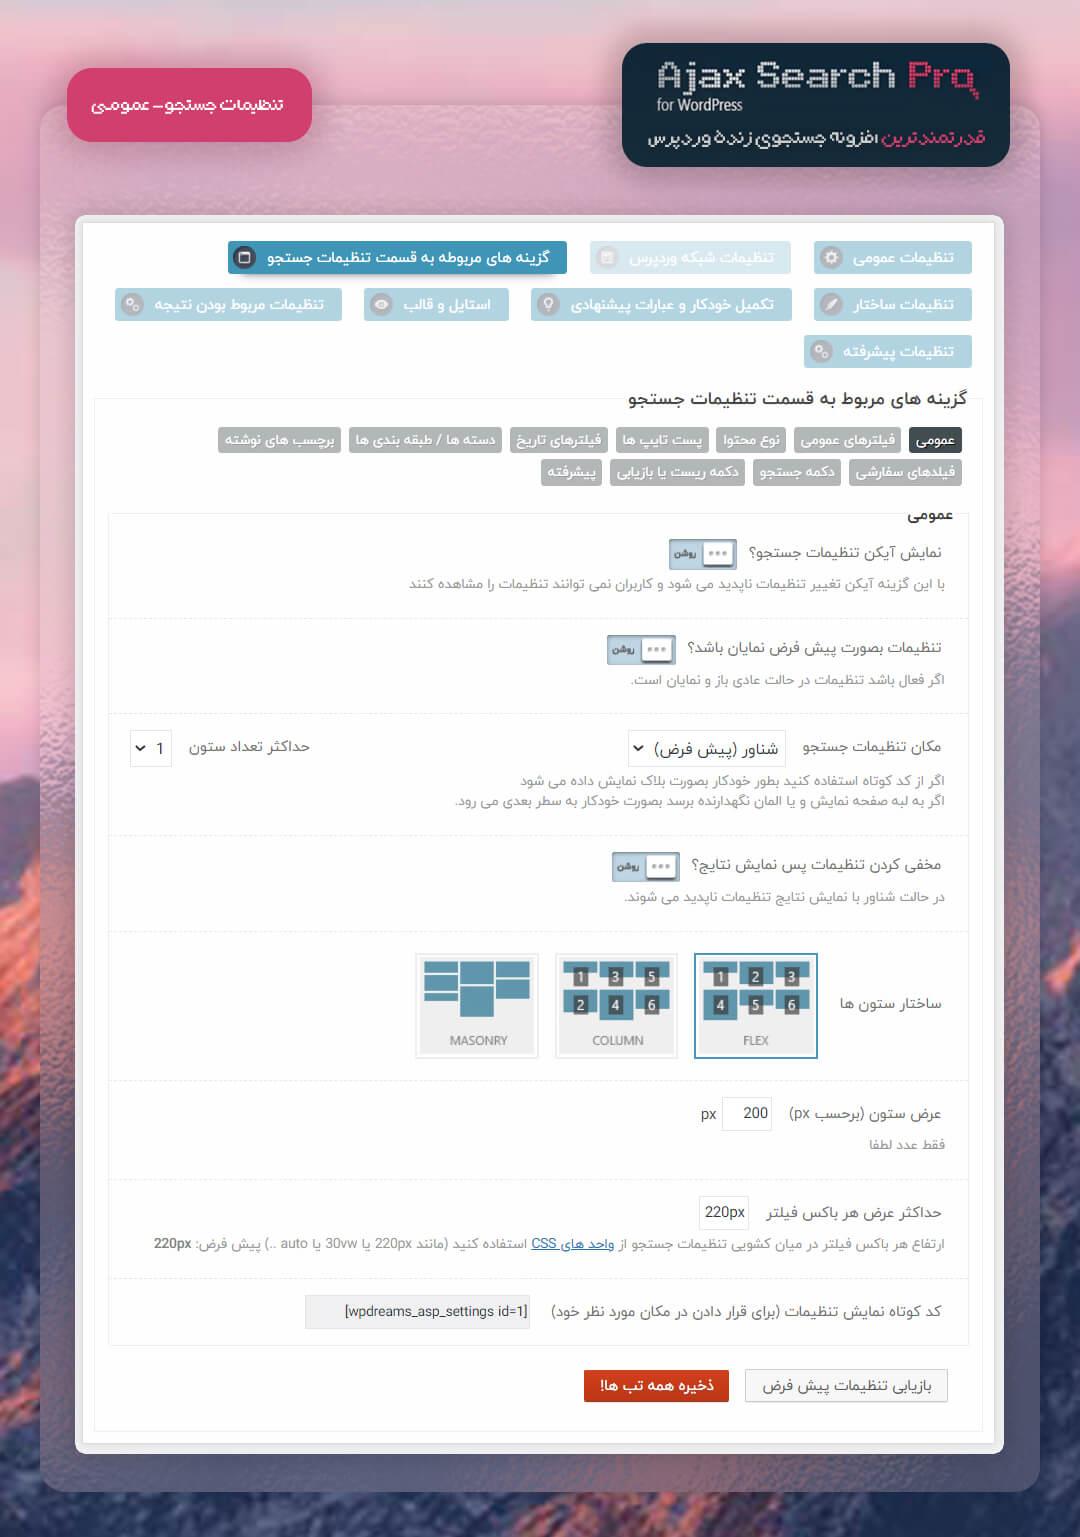 تنظیمات جستجو Ajax Search Pro